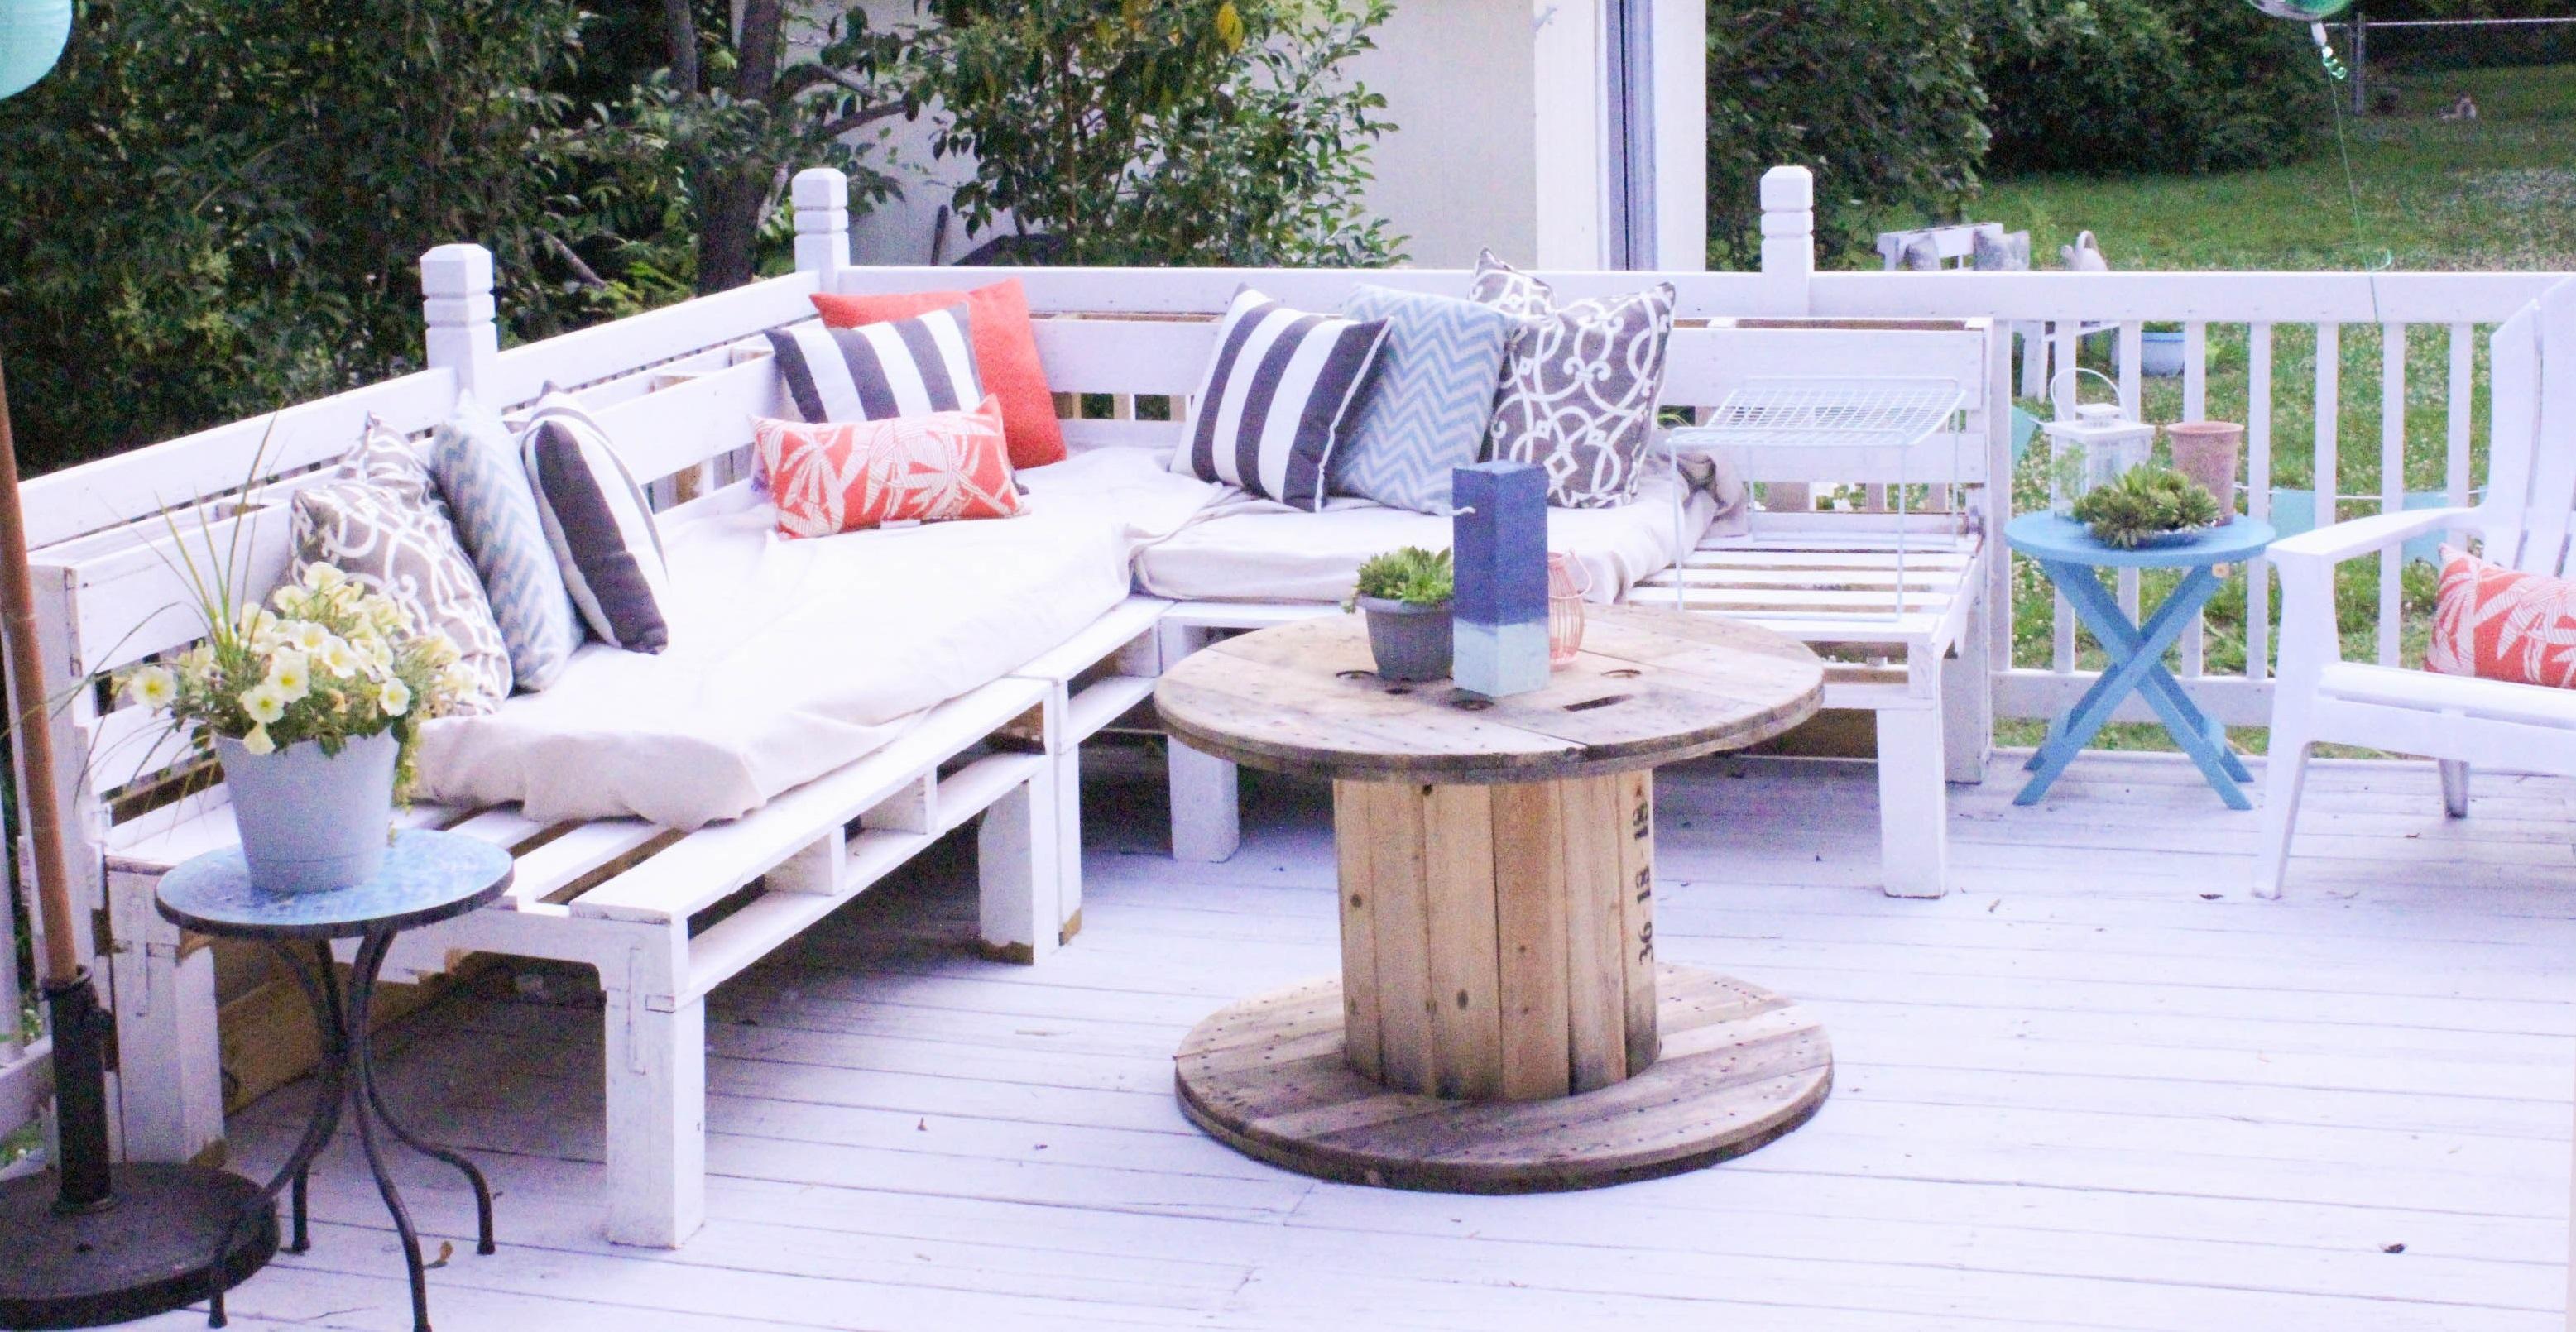 banc de jardin le bon coin awesome salon de jardin le bon coin maison design bahbe com with. Black Bedroom Furniture Sets. Home Design Ideas